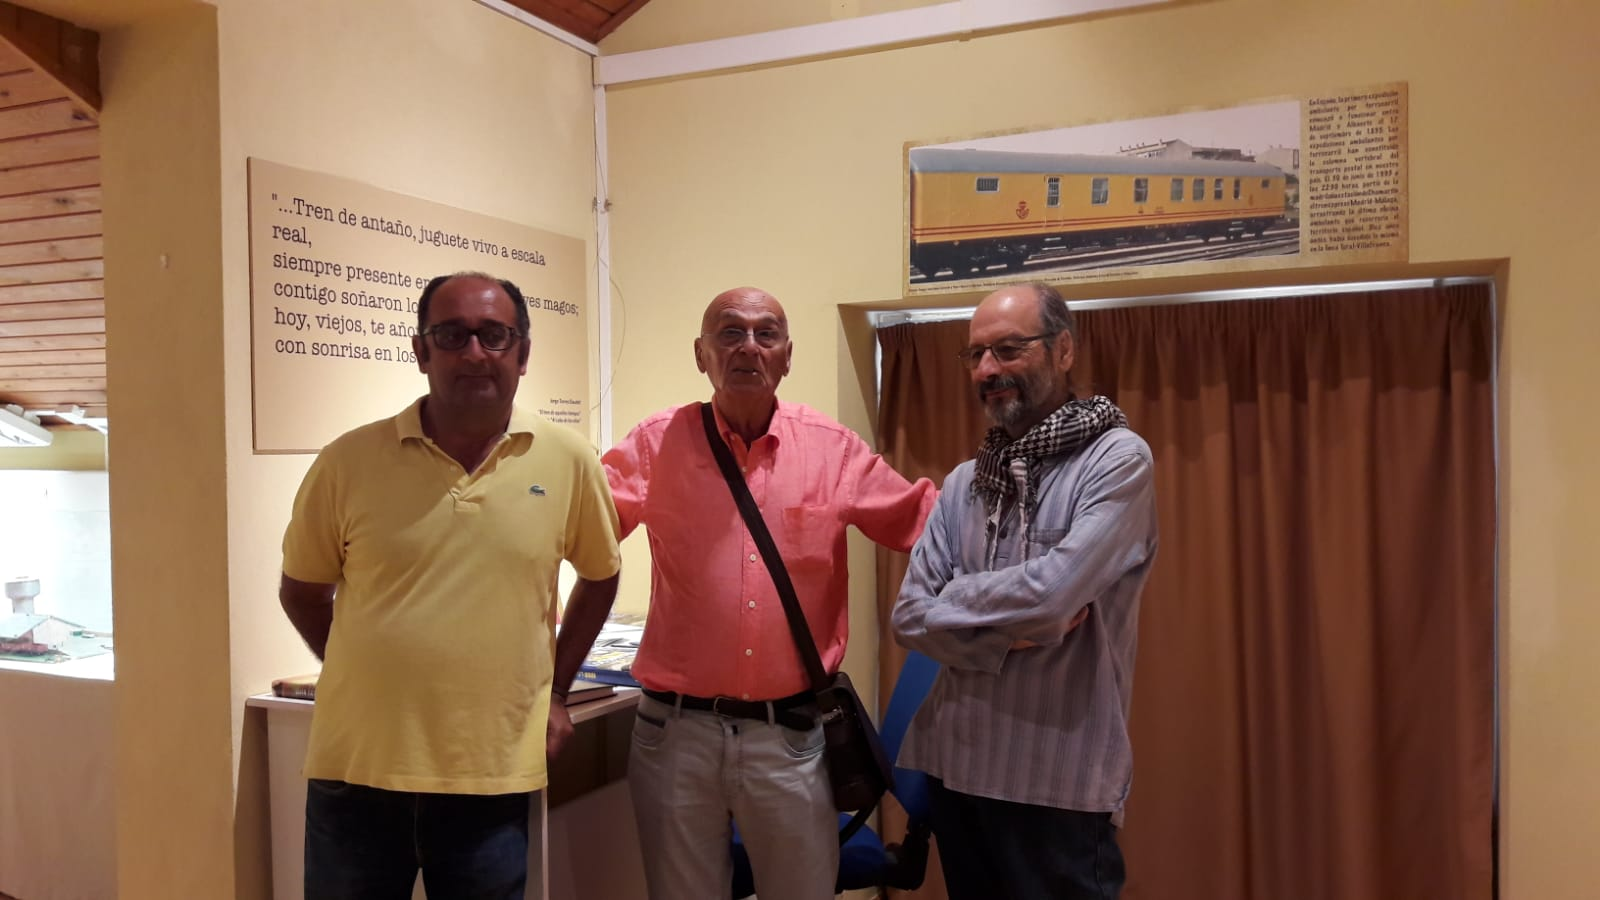 Calurosa acogida me dispensaron Sergio García Valcárcel, Teniente de Alcalde de Toral de los Vados